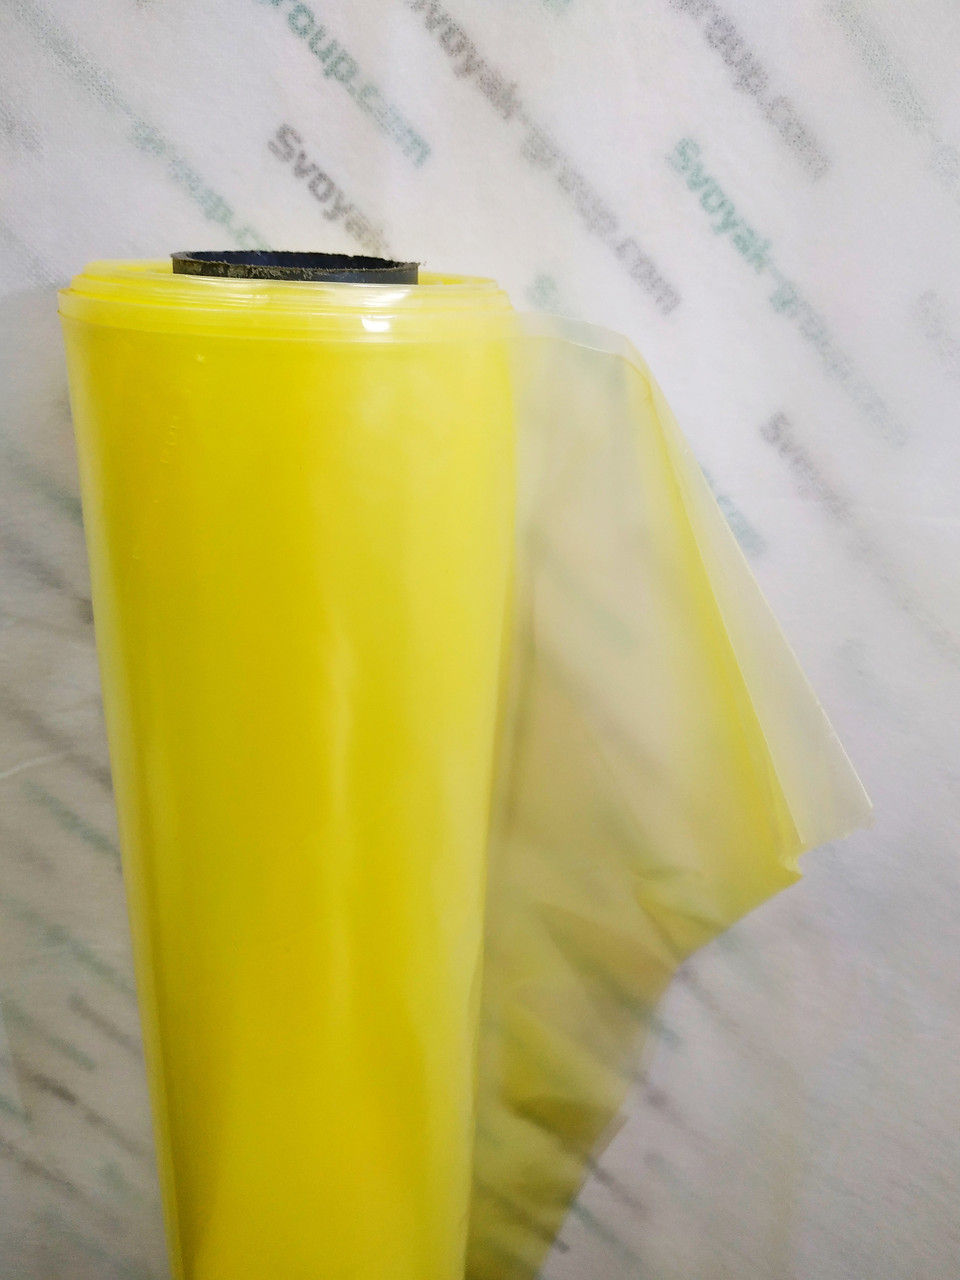 Пленка тепличная. Ширина 6м. 120 мкм плотность. 12 мес. стбилизации (UV 2%). На метраж